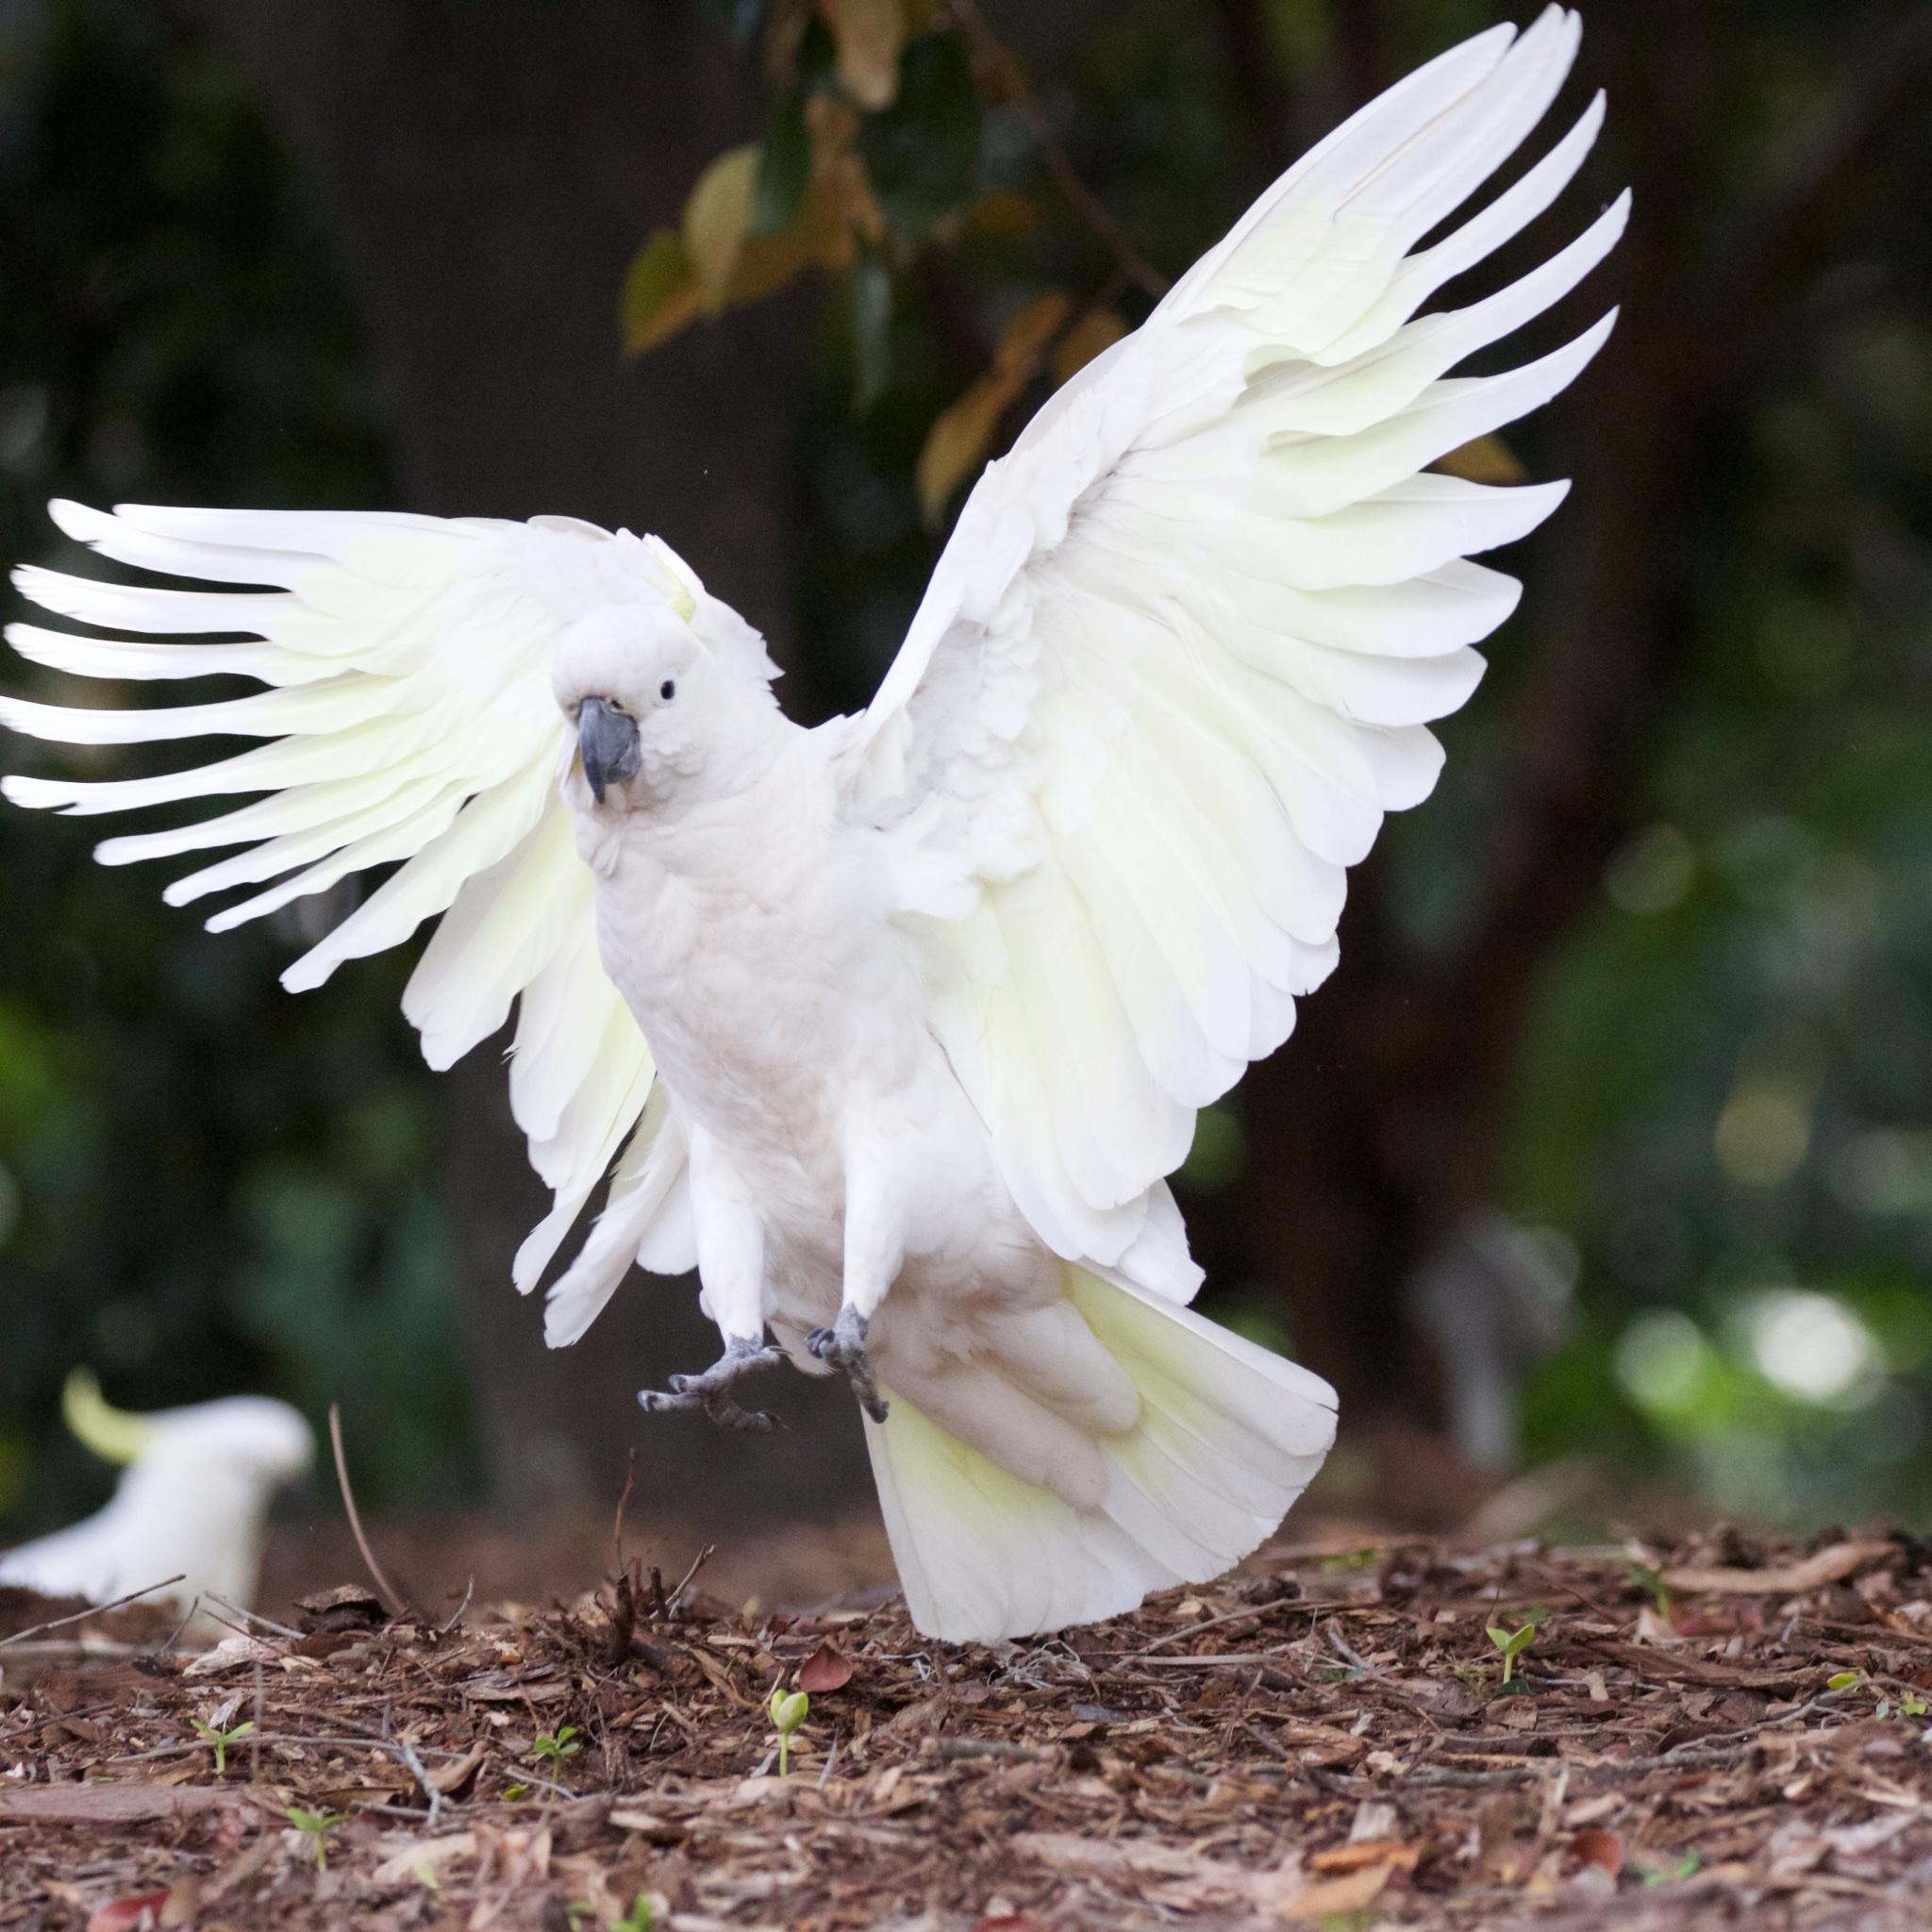 Cockatoo wings spread